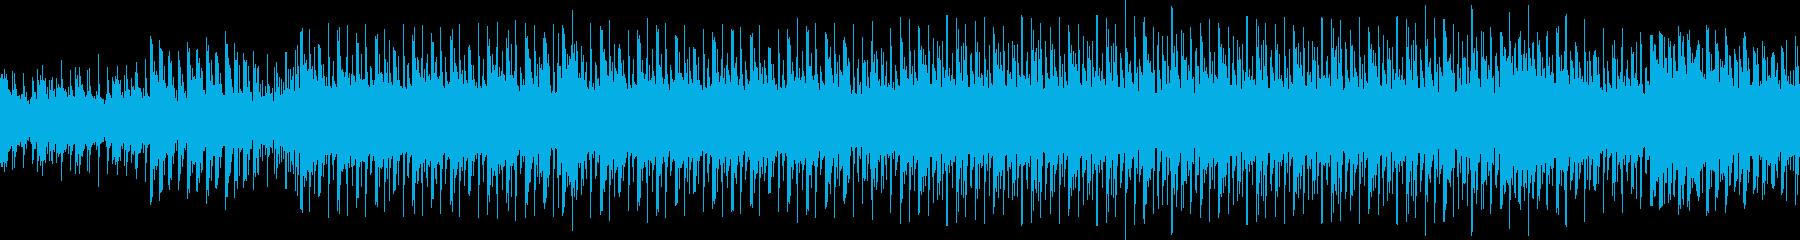 ピアノとマリンバの夏っぽいループ曲の再生済みの波形